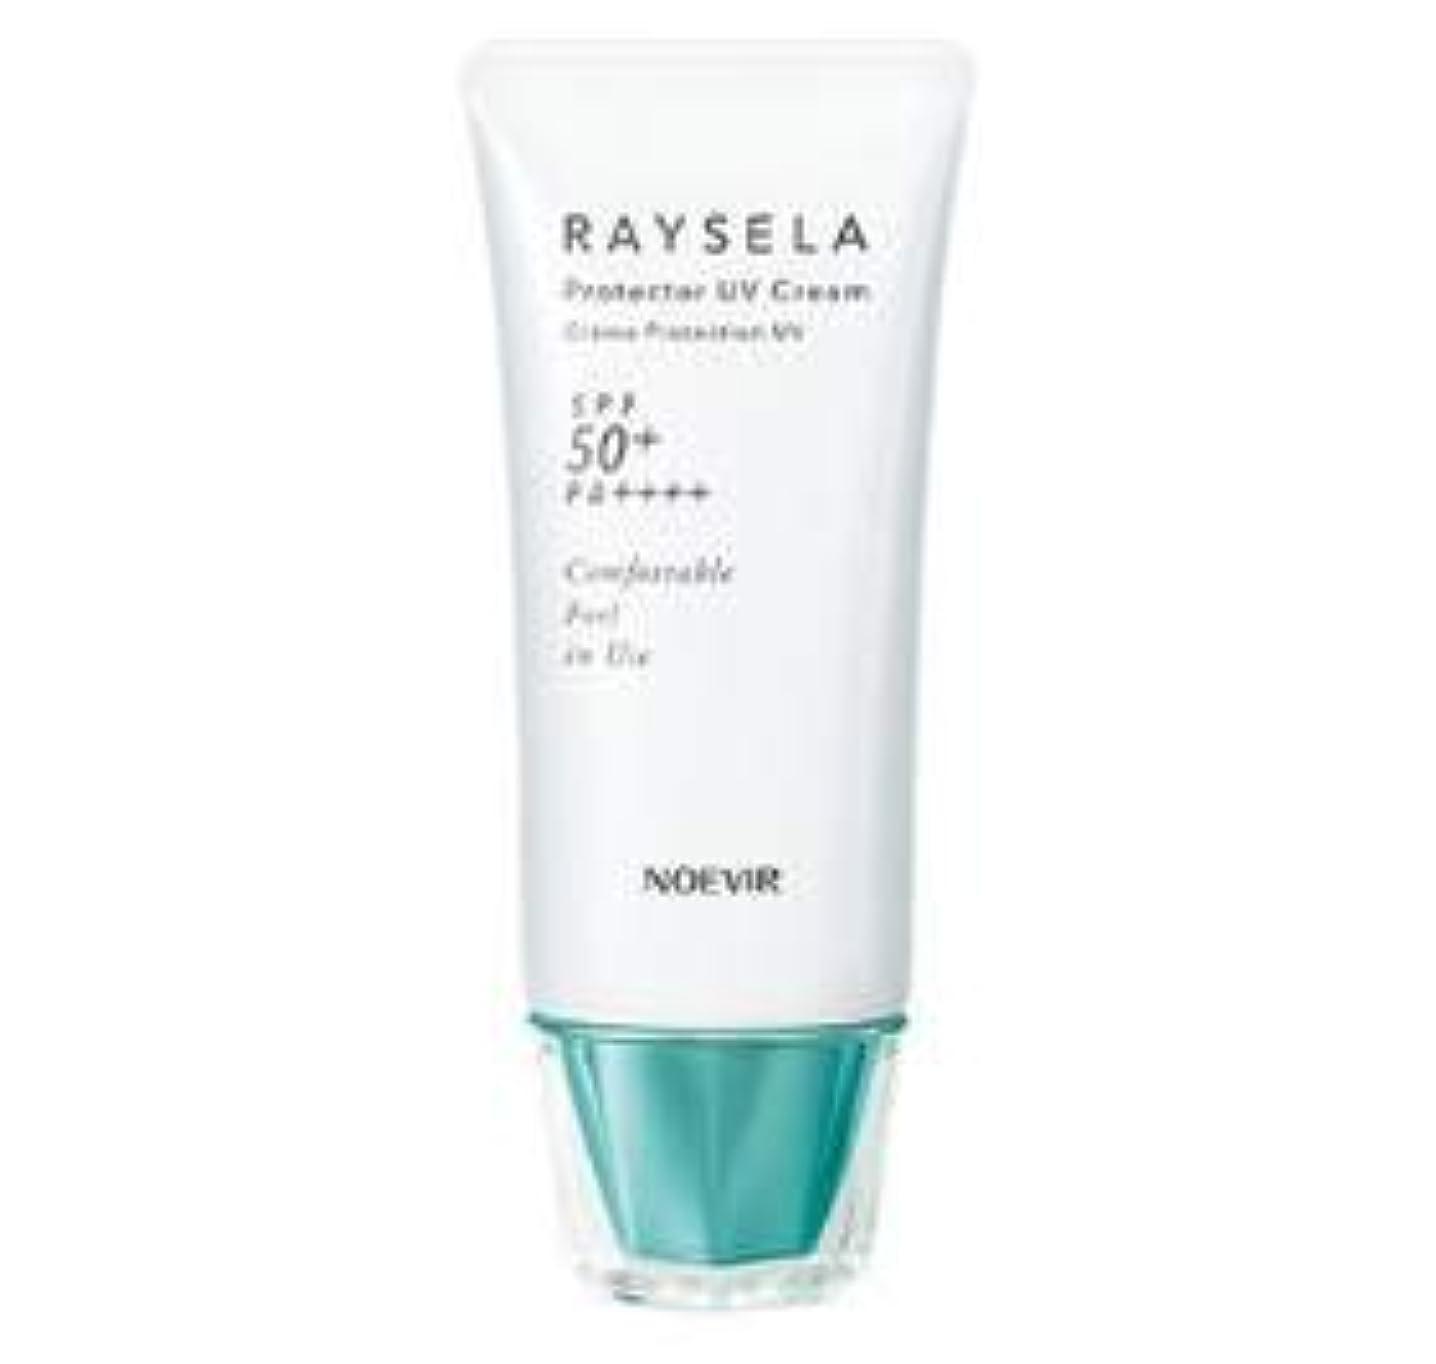 忘れっぽいあたり乳白色ノエビア レイセラ 薬用プロテクターUV クリーム(お顔用)<医薬部外品>(35g)